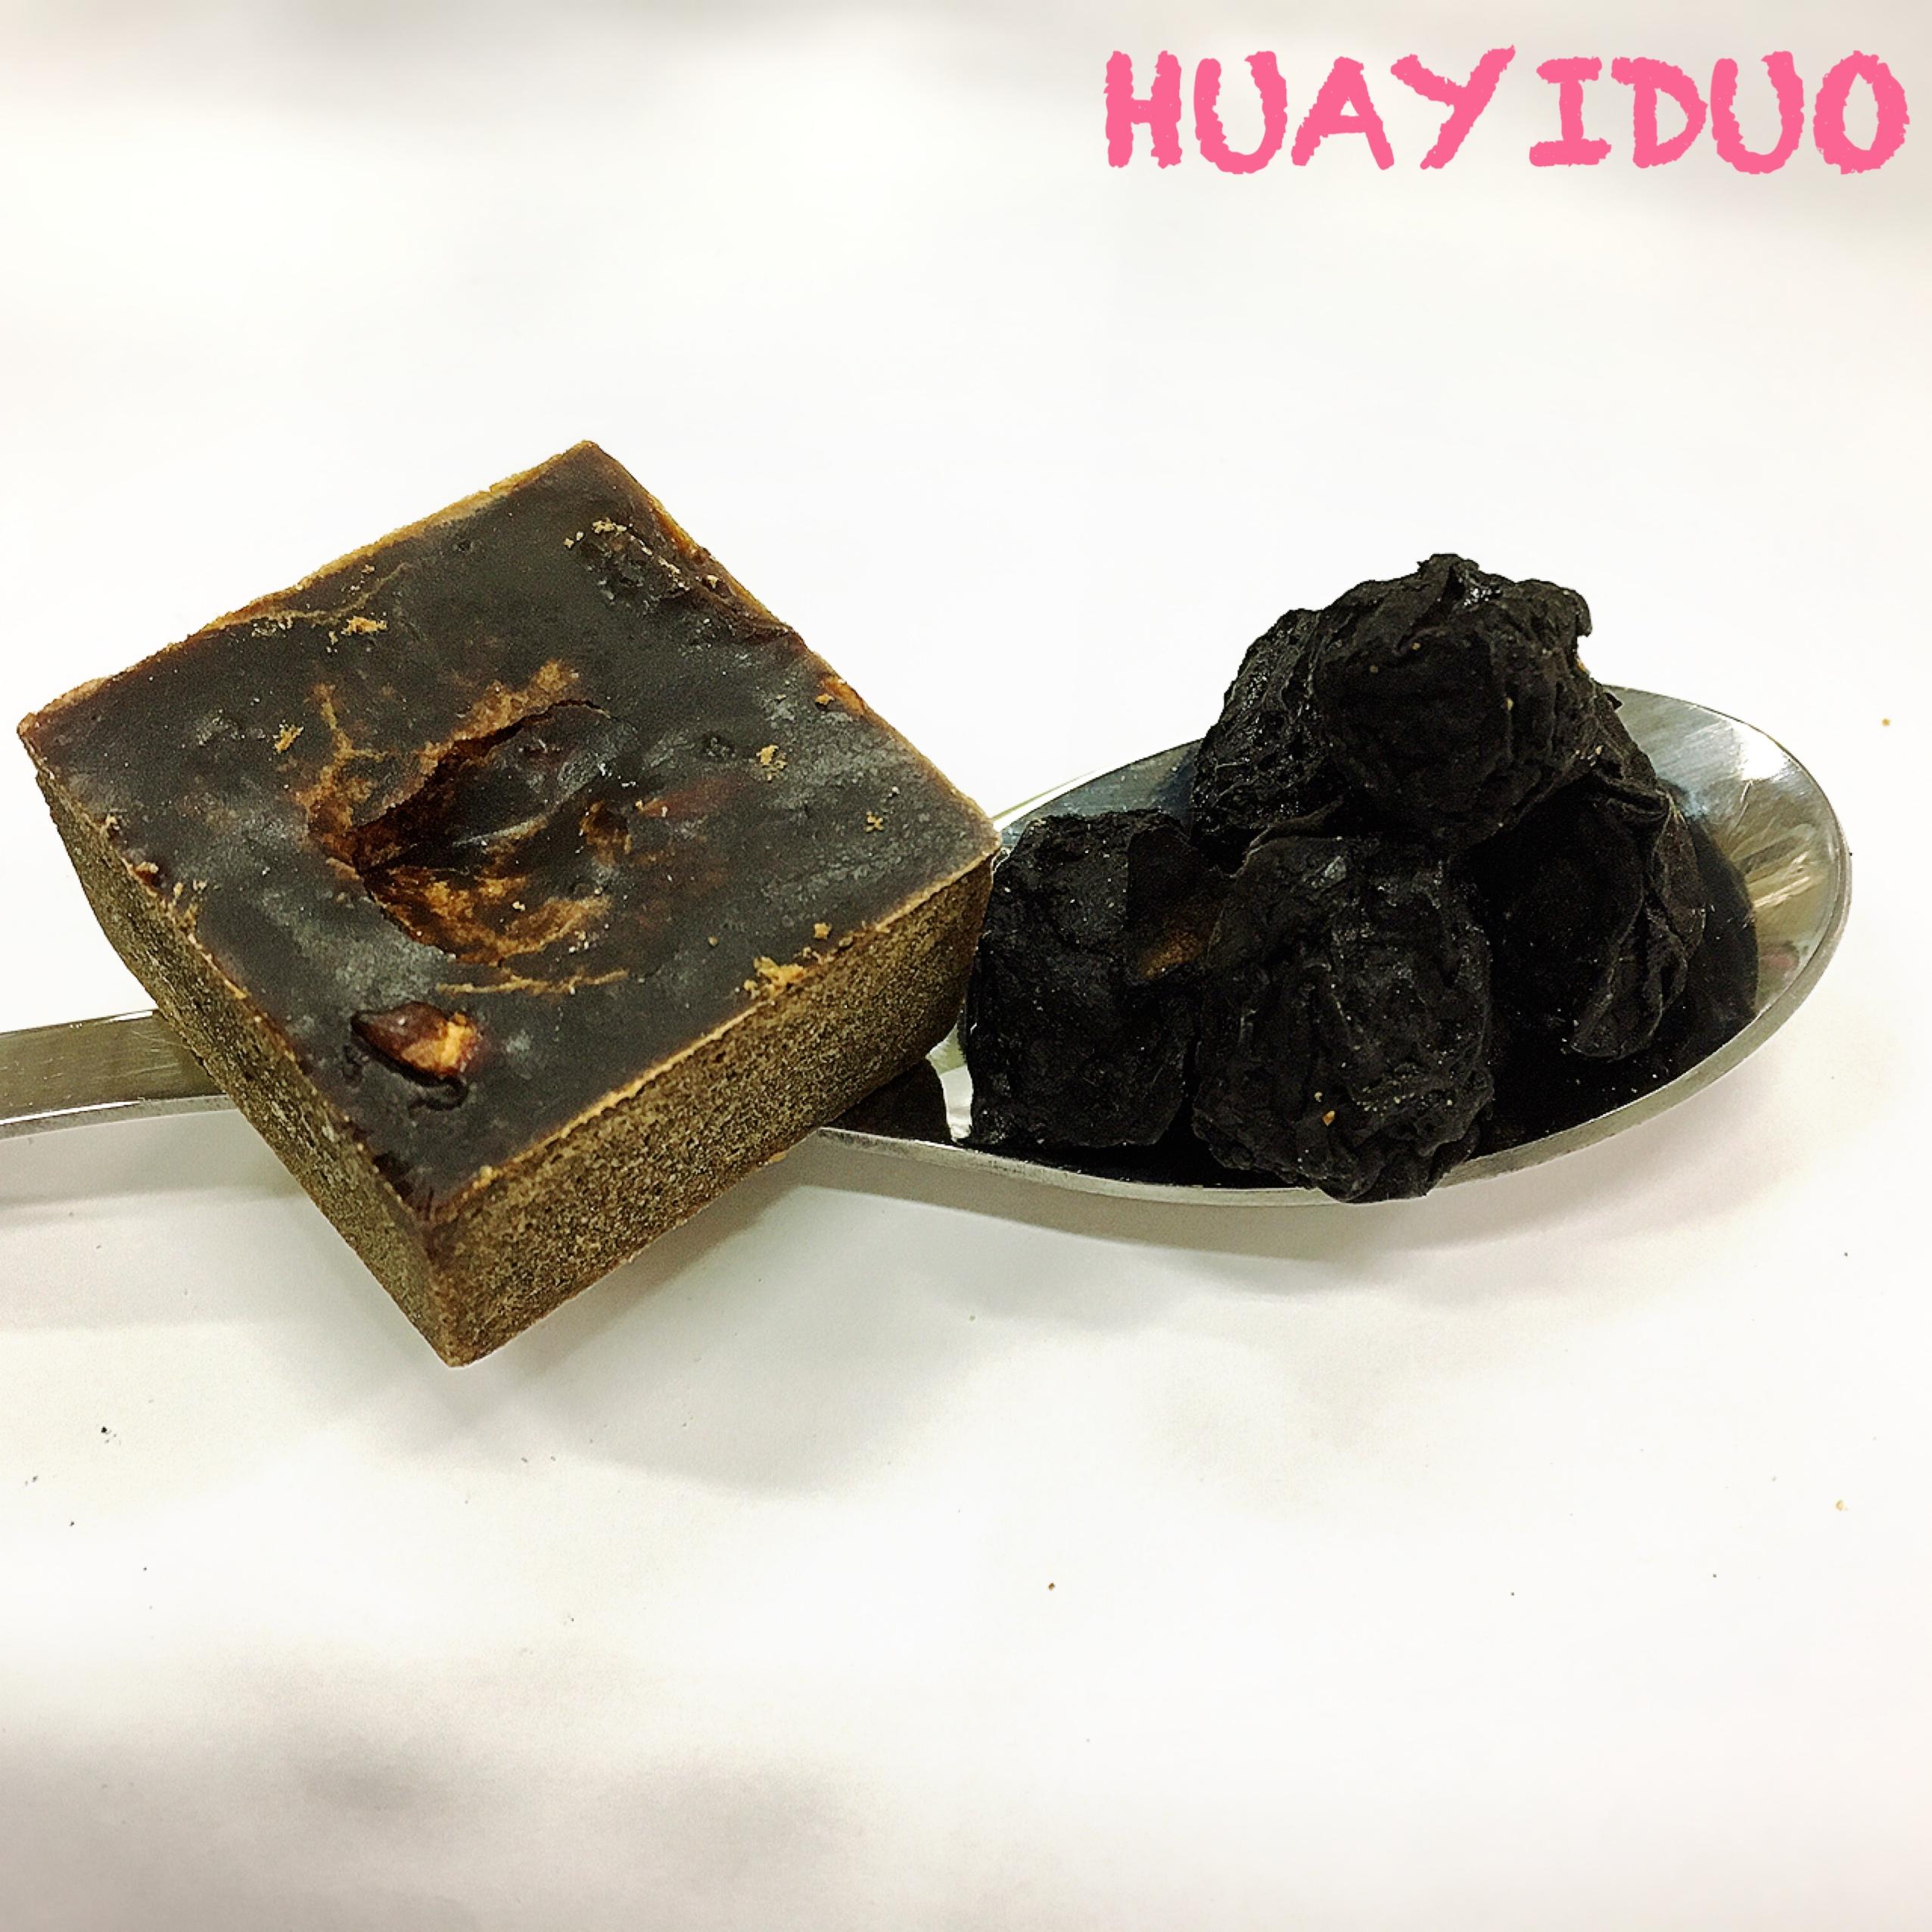 ★年節禮盒特賣【油切烏梅黑糖塊】10入/300g 黑糖茶磚/養生飲